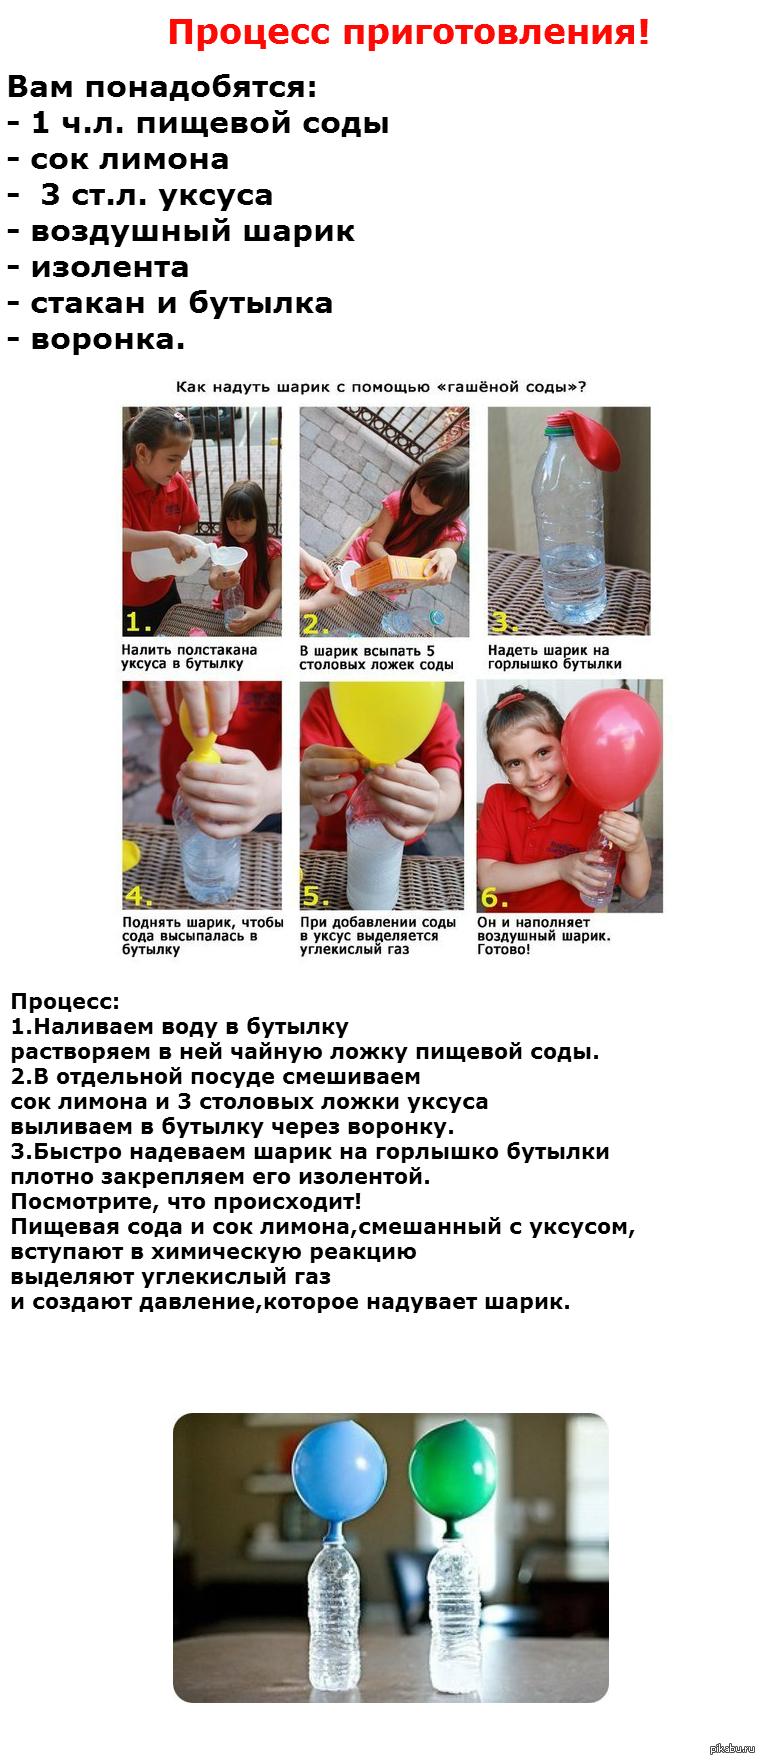 Как надуть шарики гелием в домашних условиях 44